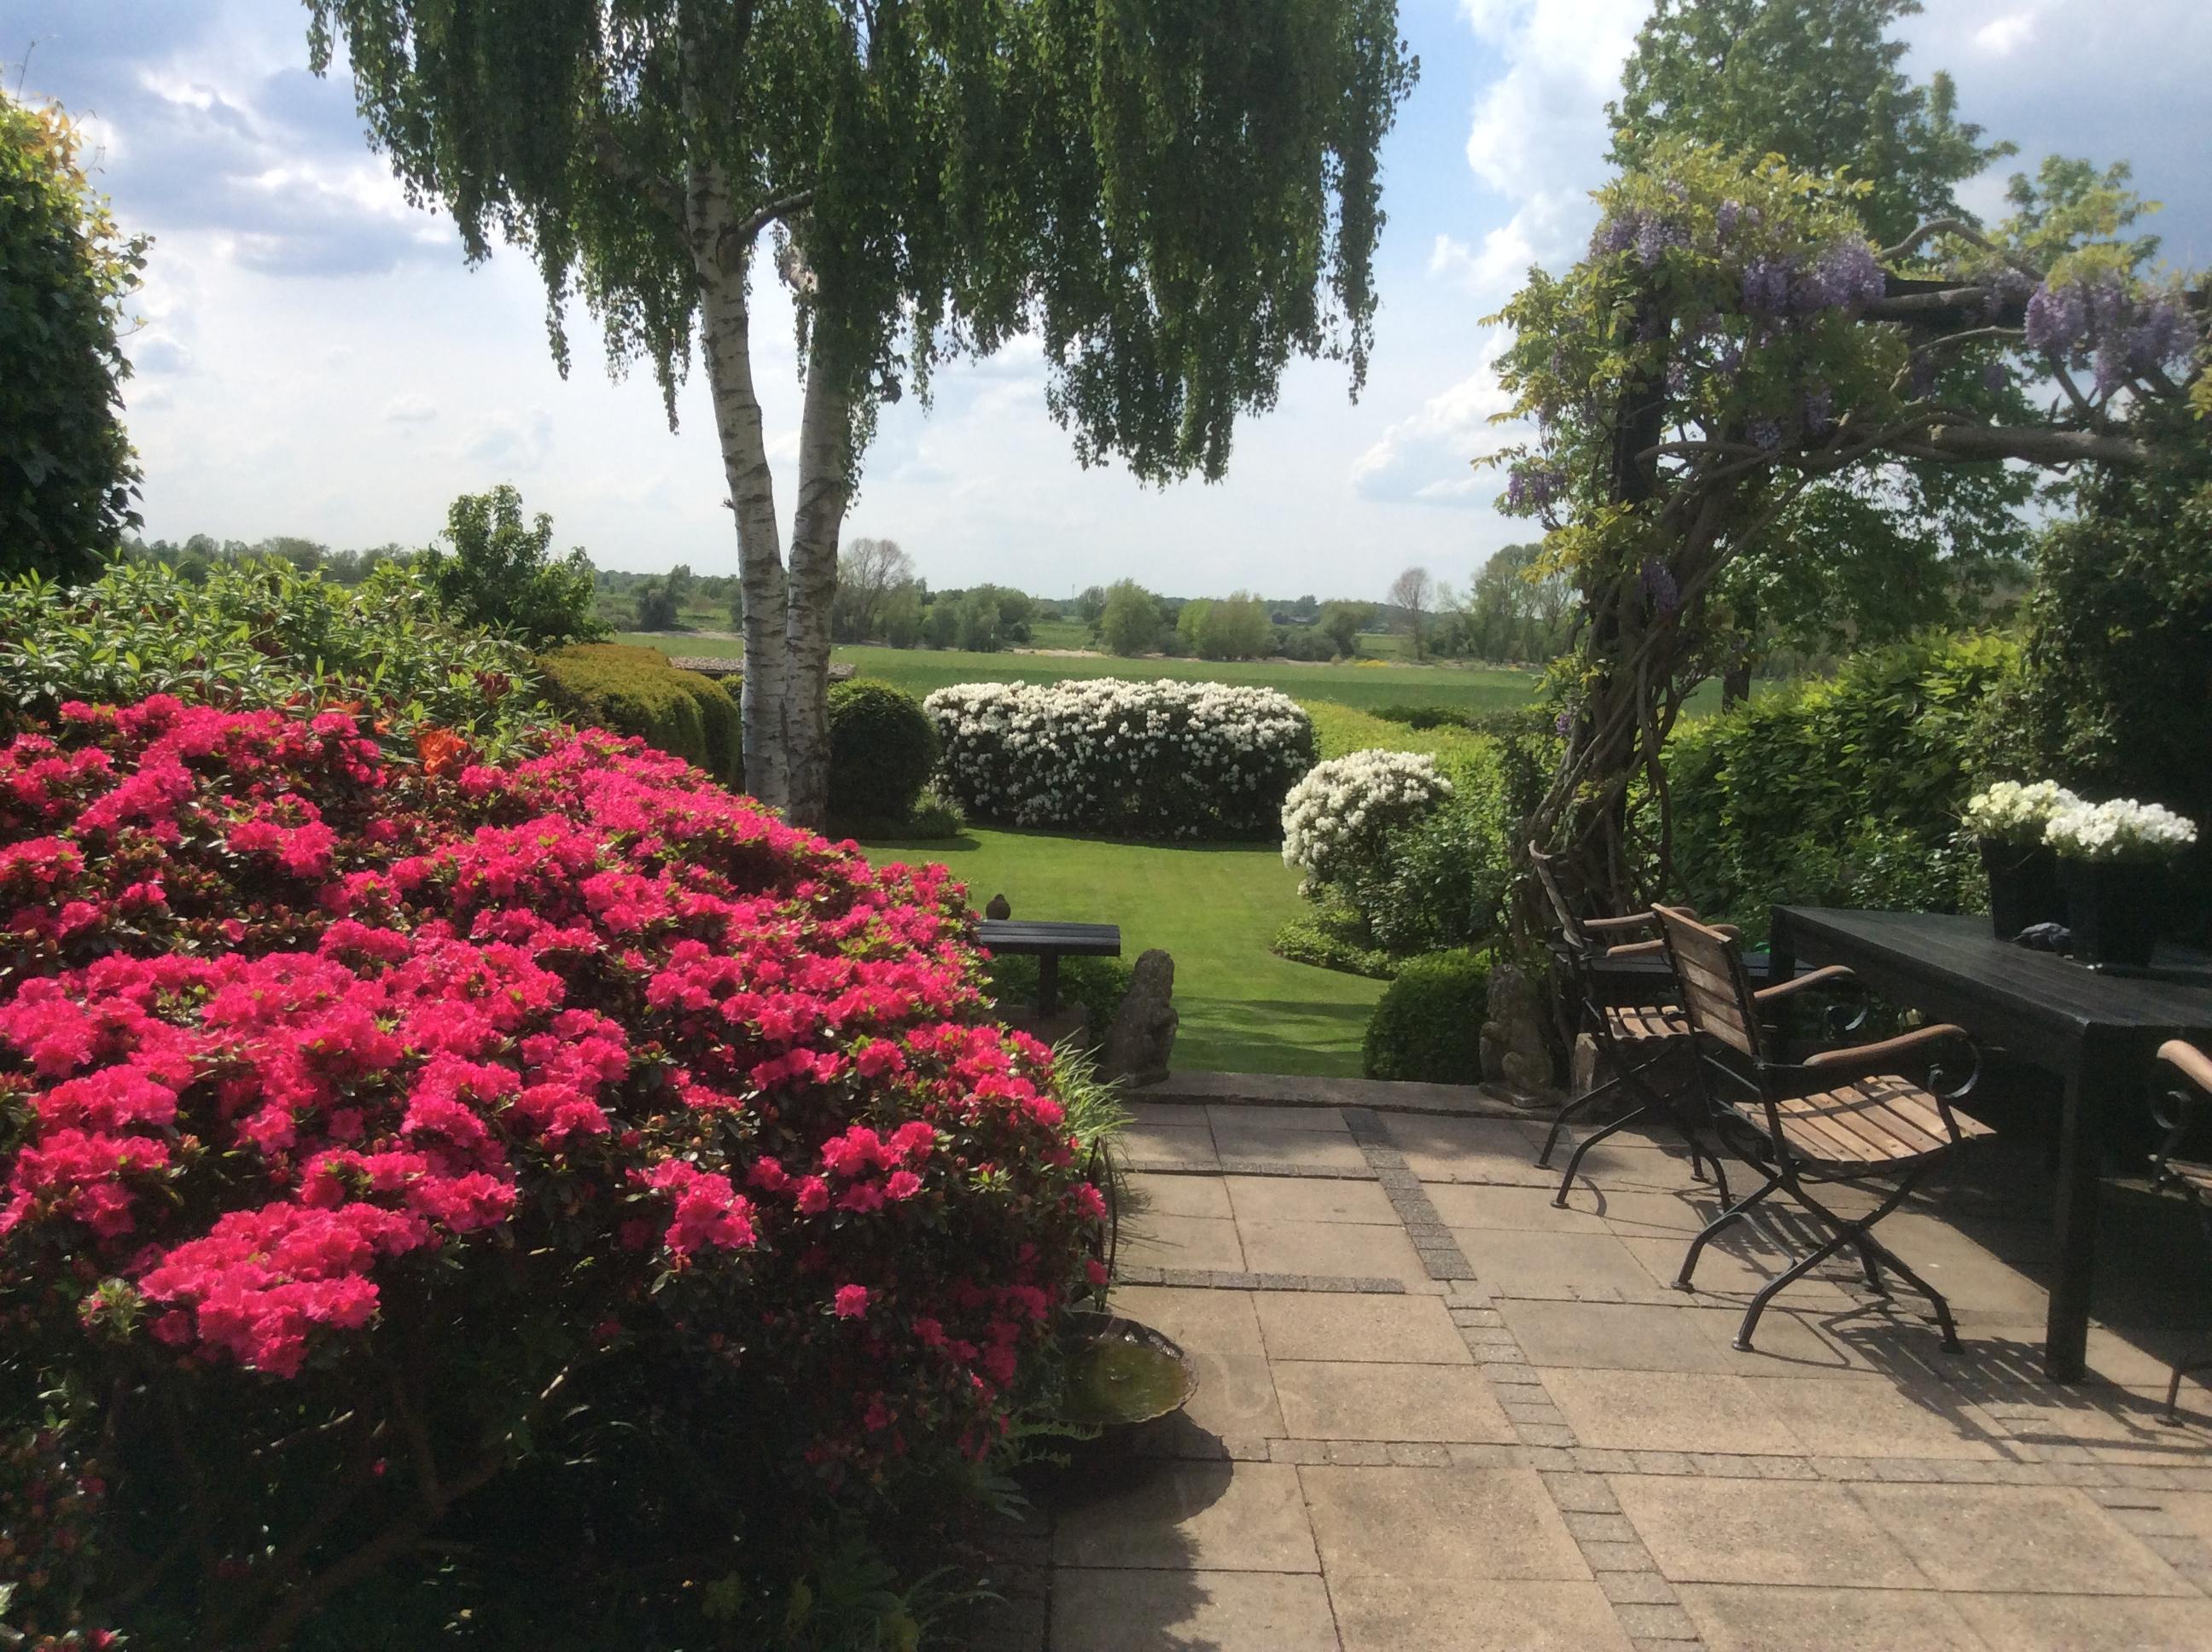 Grosser Garten mit Tisch und Stühlen und Pinken Blumen